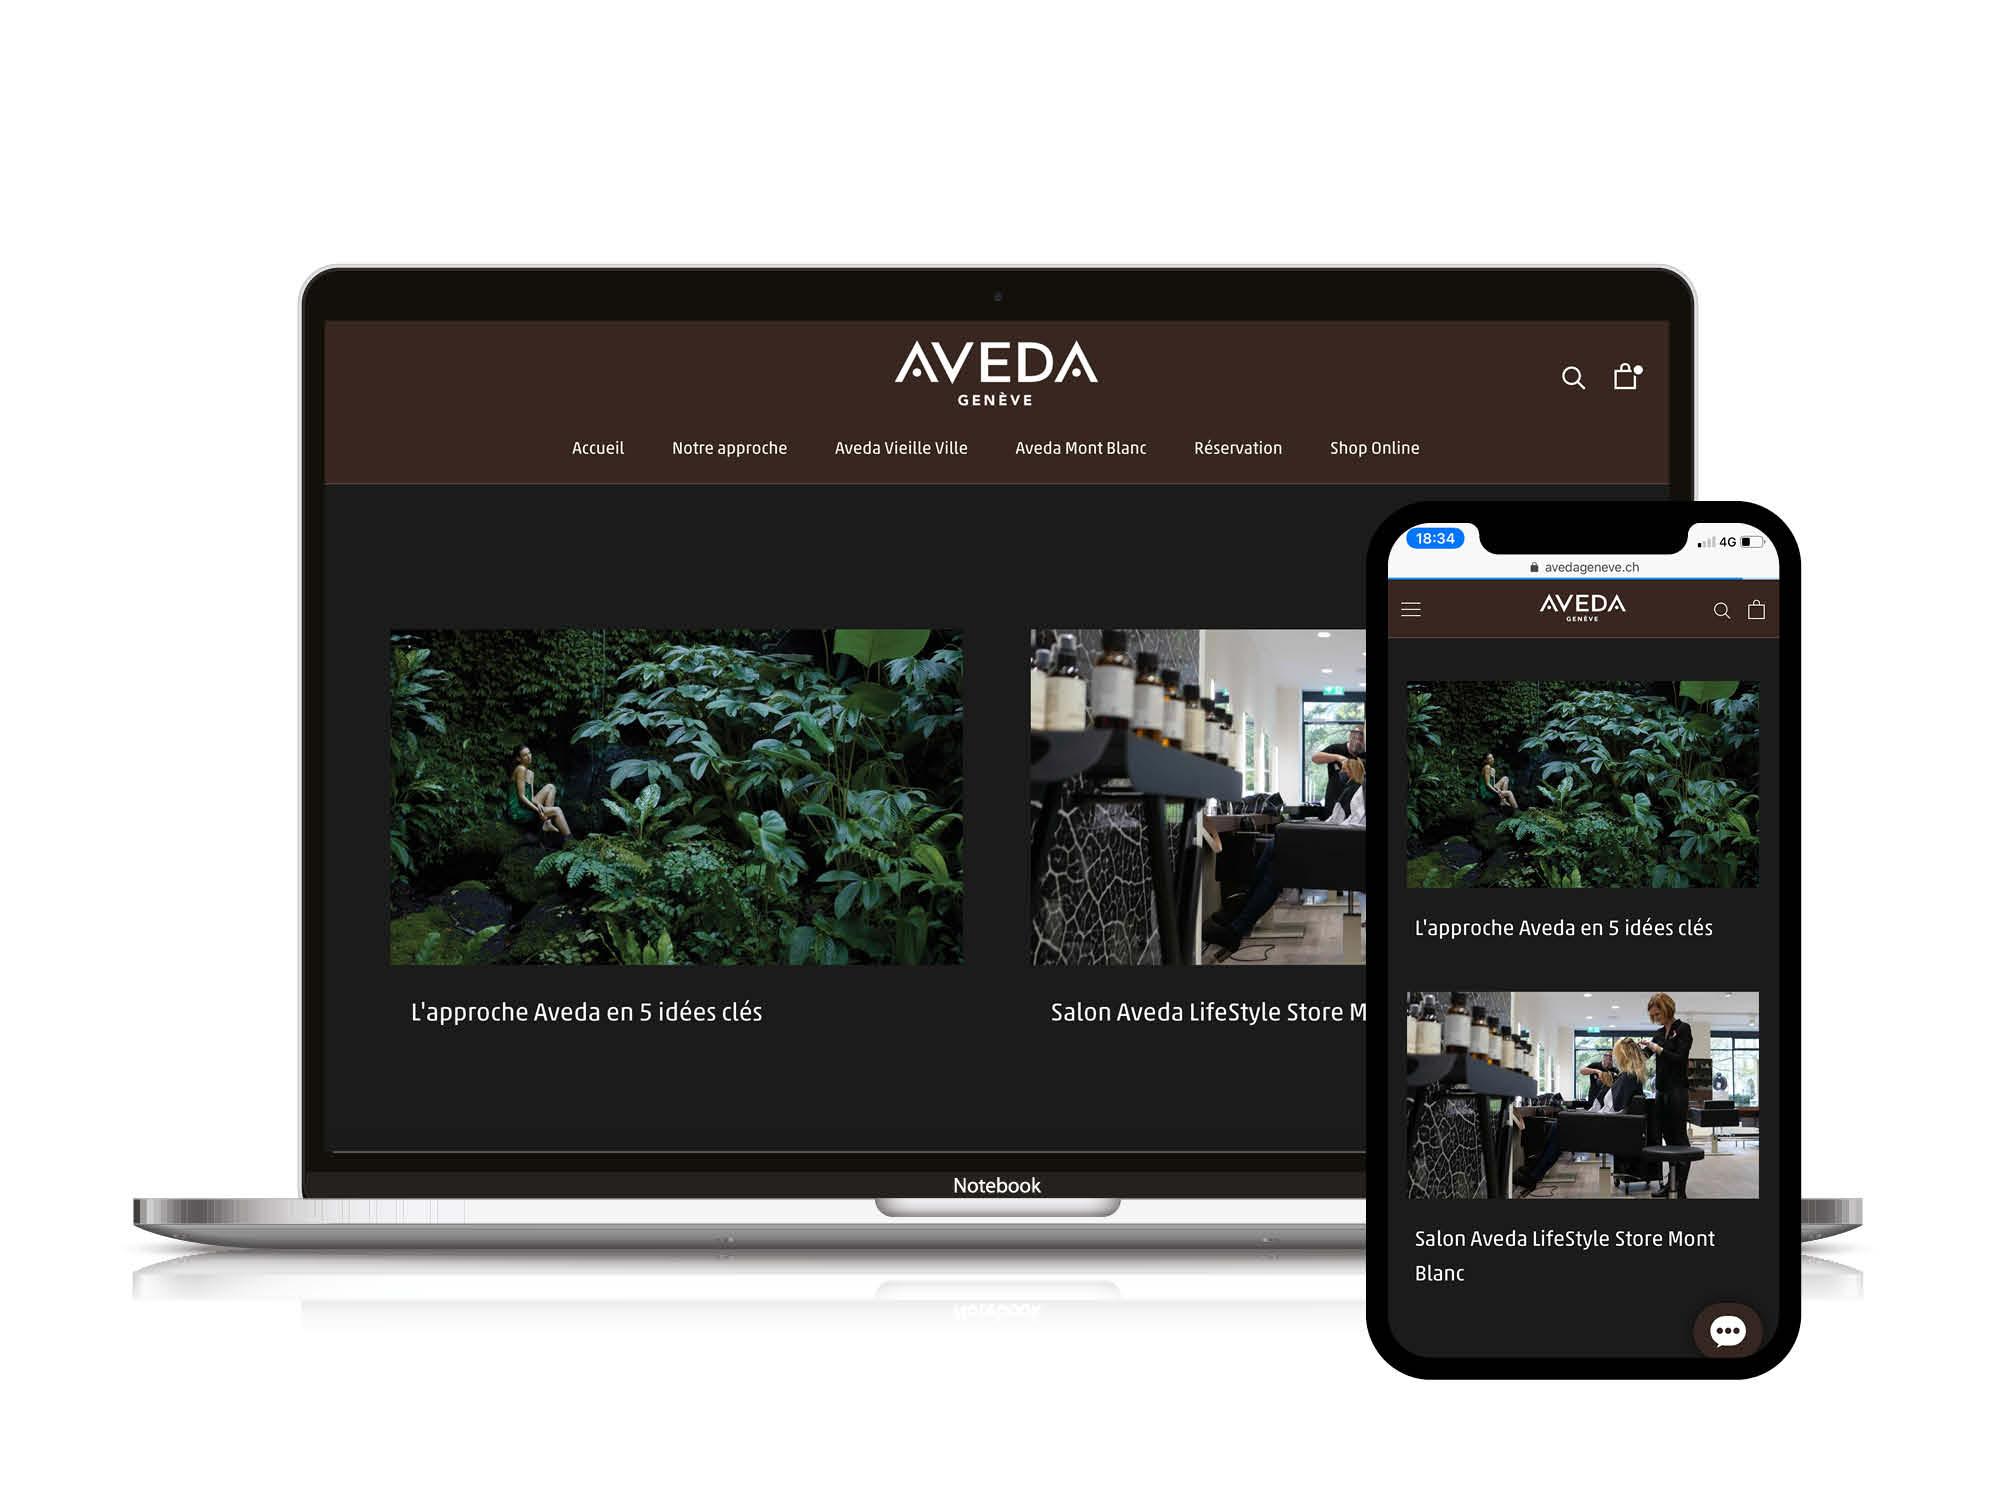 Site web Aveda Geneve Contenu